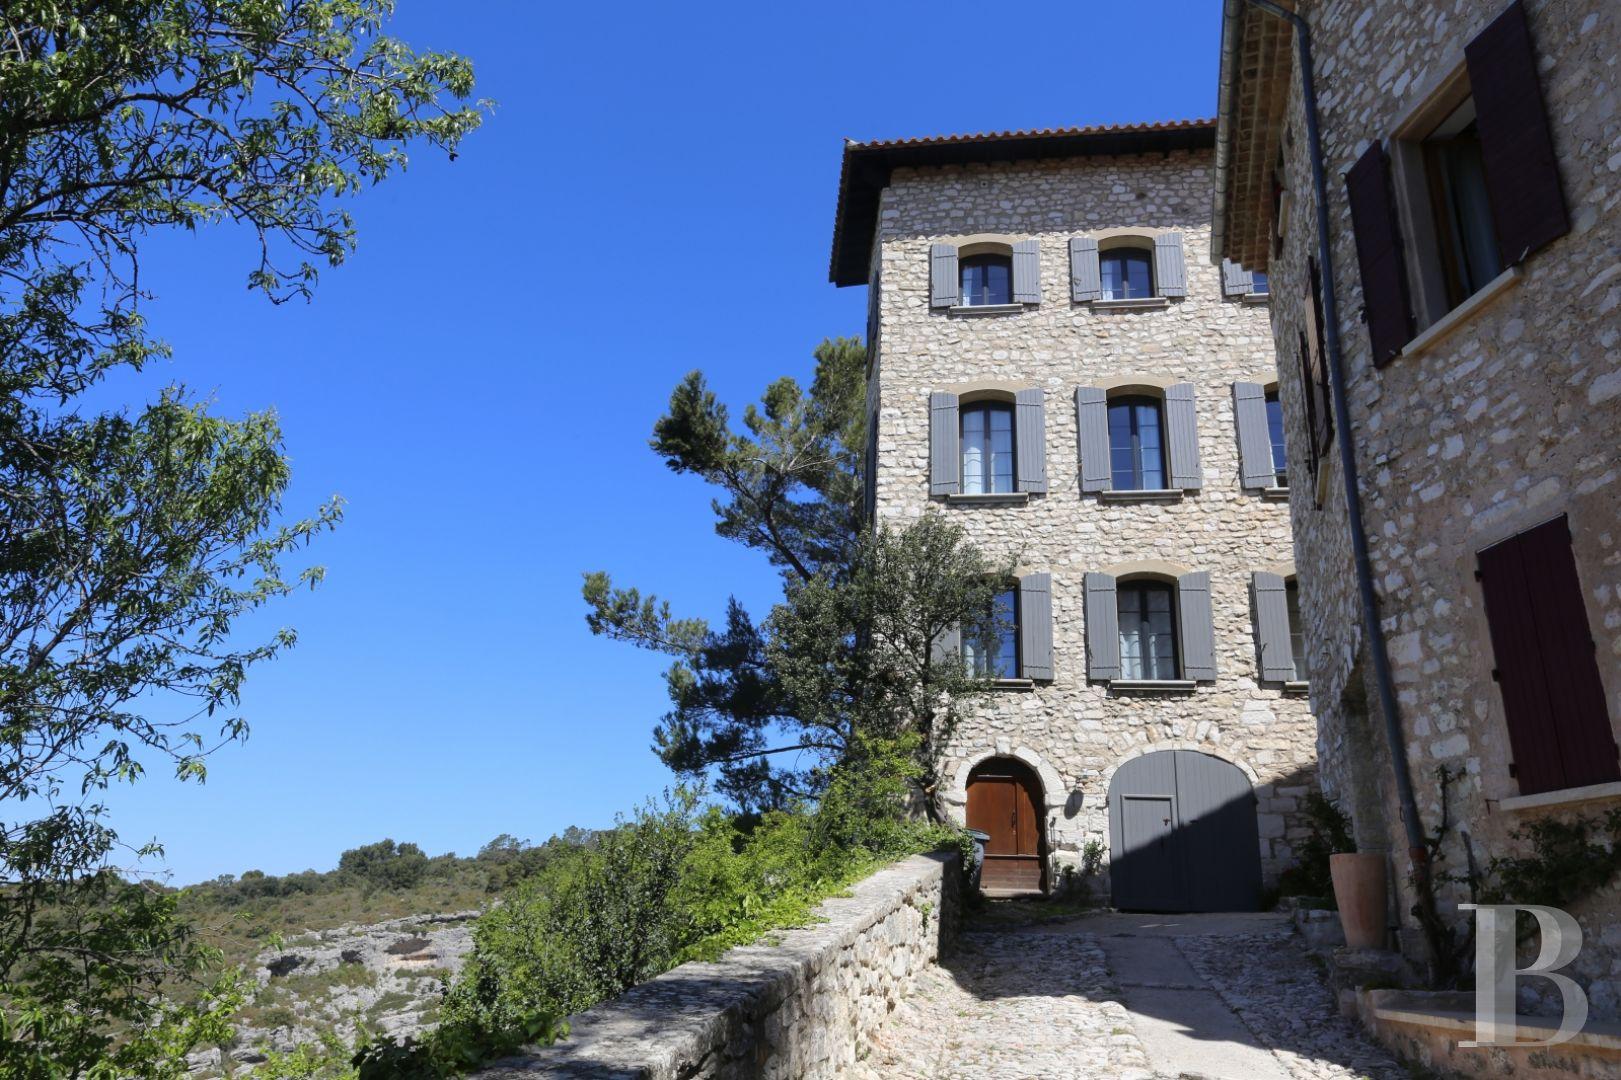 Chambre D Hote Contemporaine Vaucluse : Patrice besse chambres d hôtes provence alpes côte